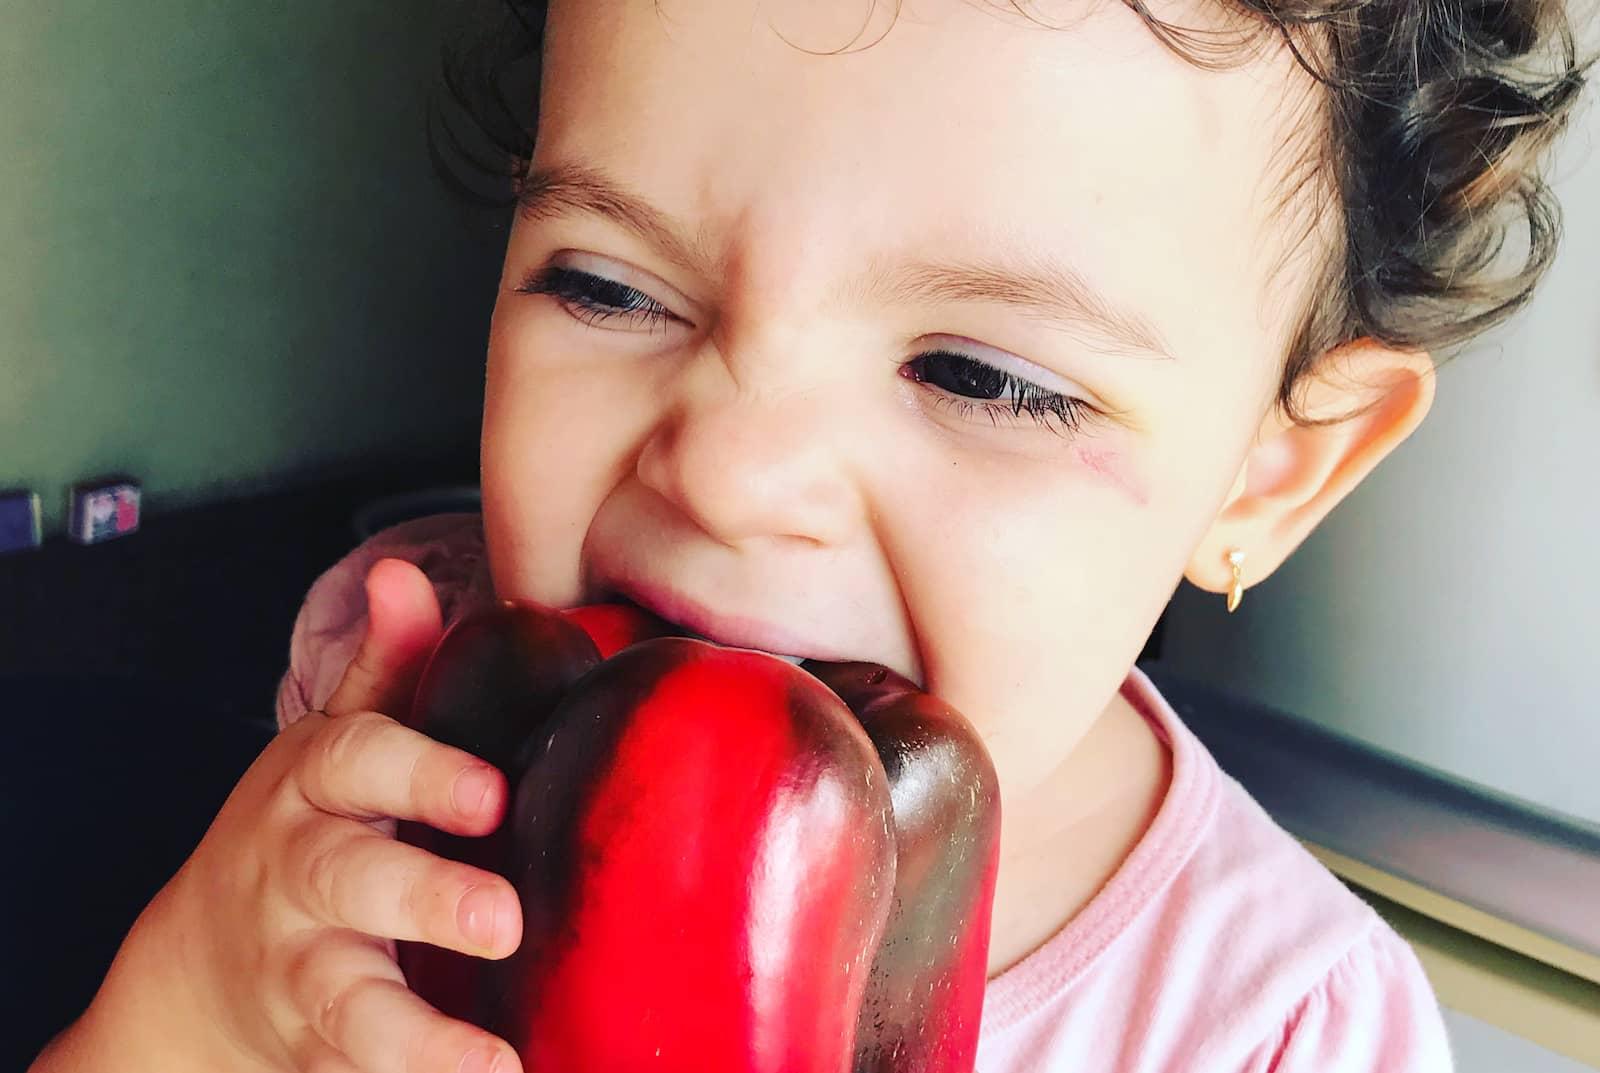 criança comendo pimentão